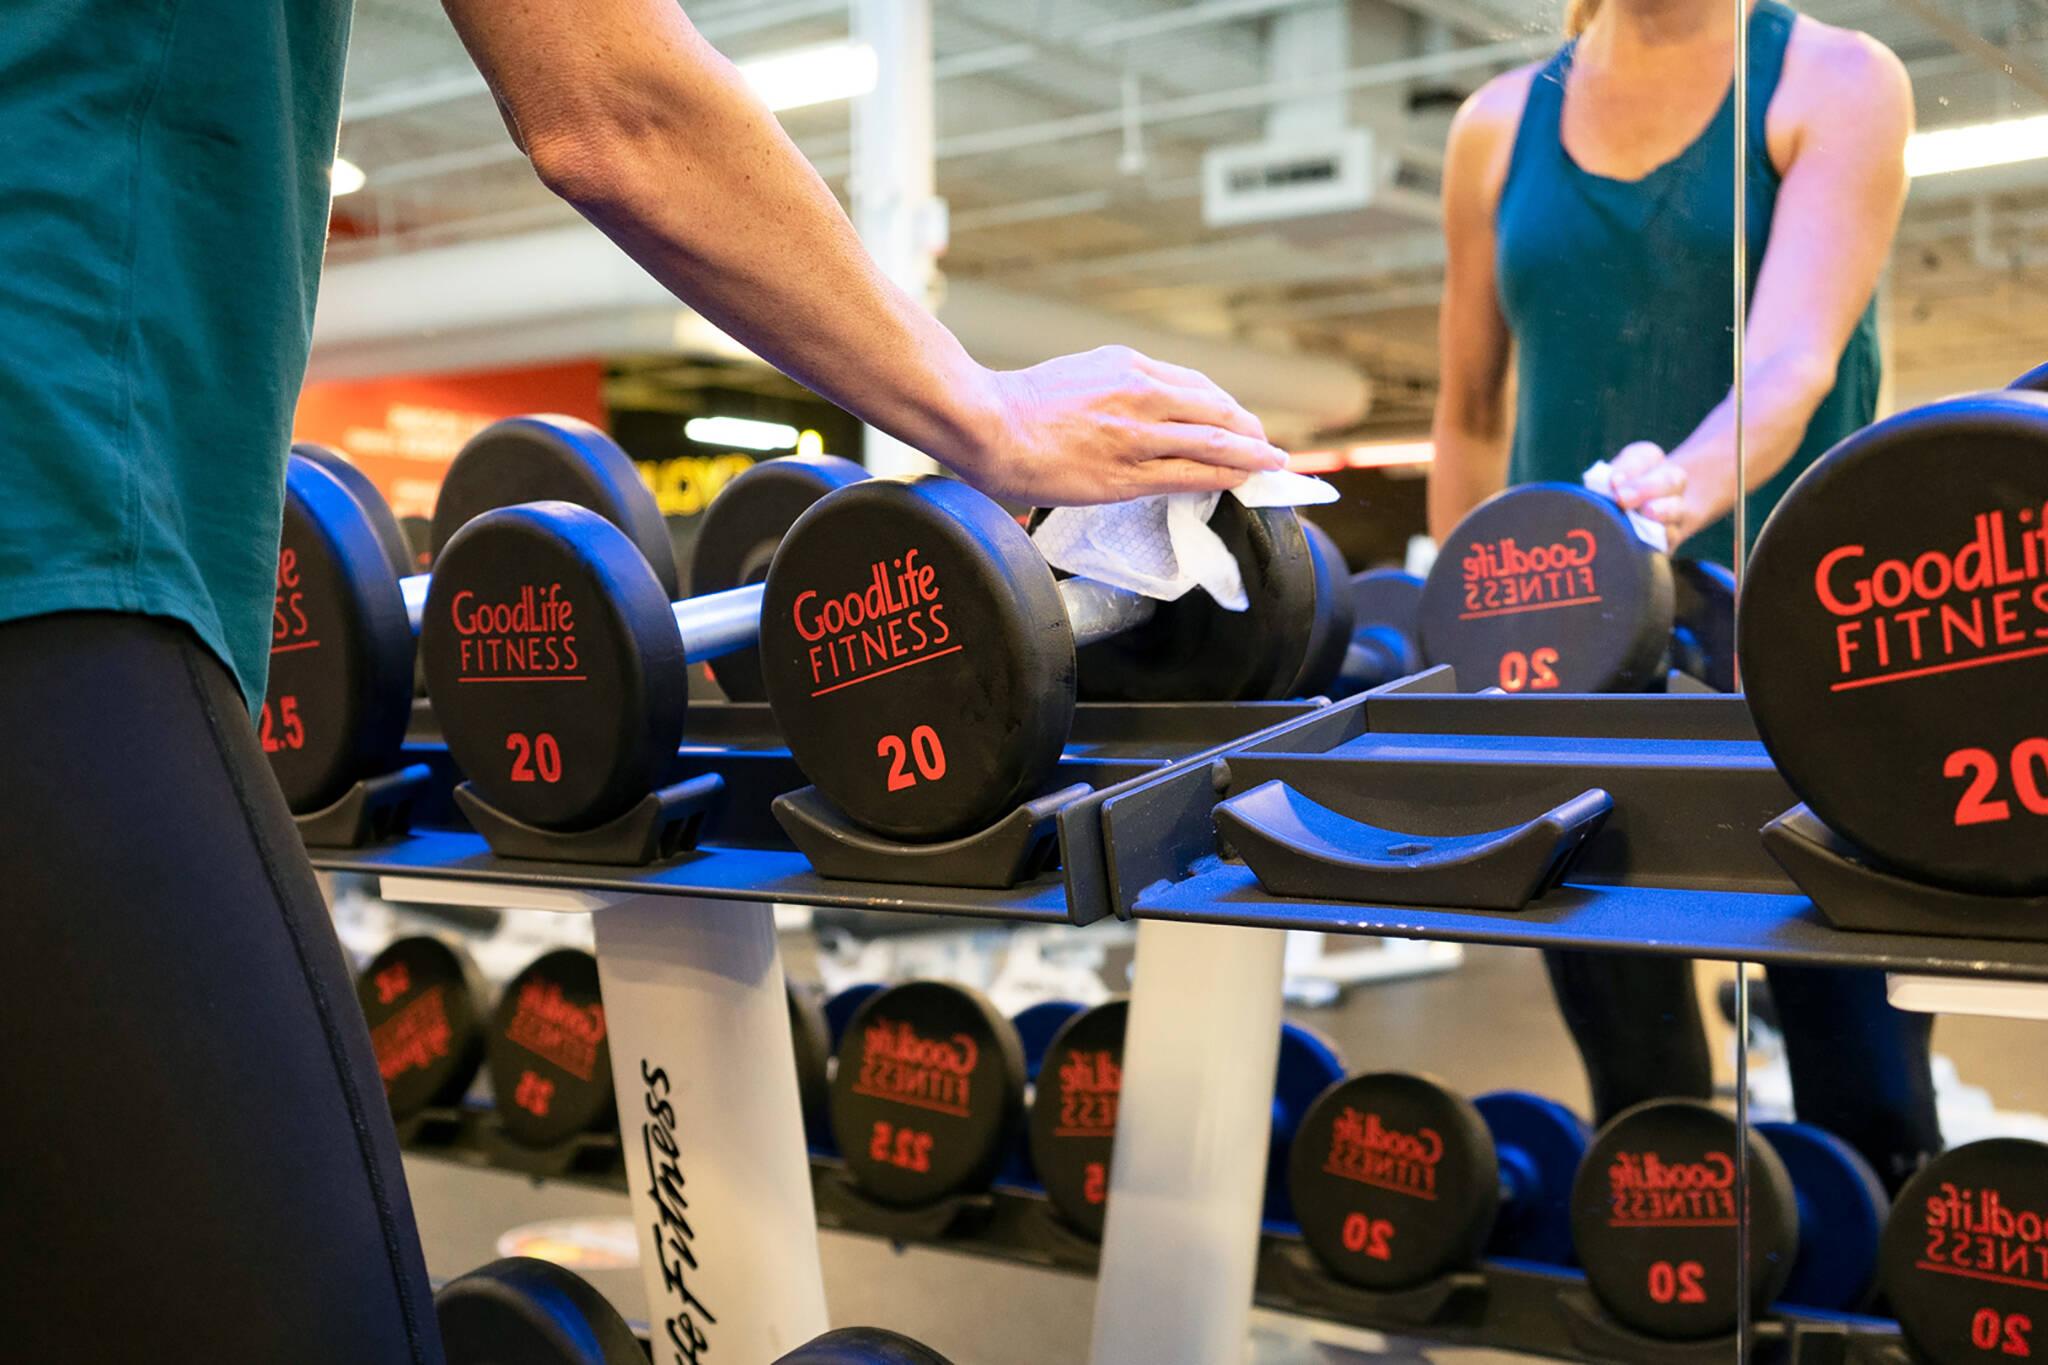 goodlife fitness covid